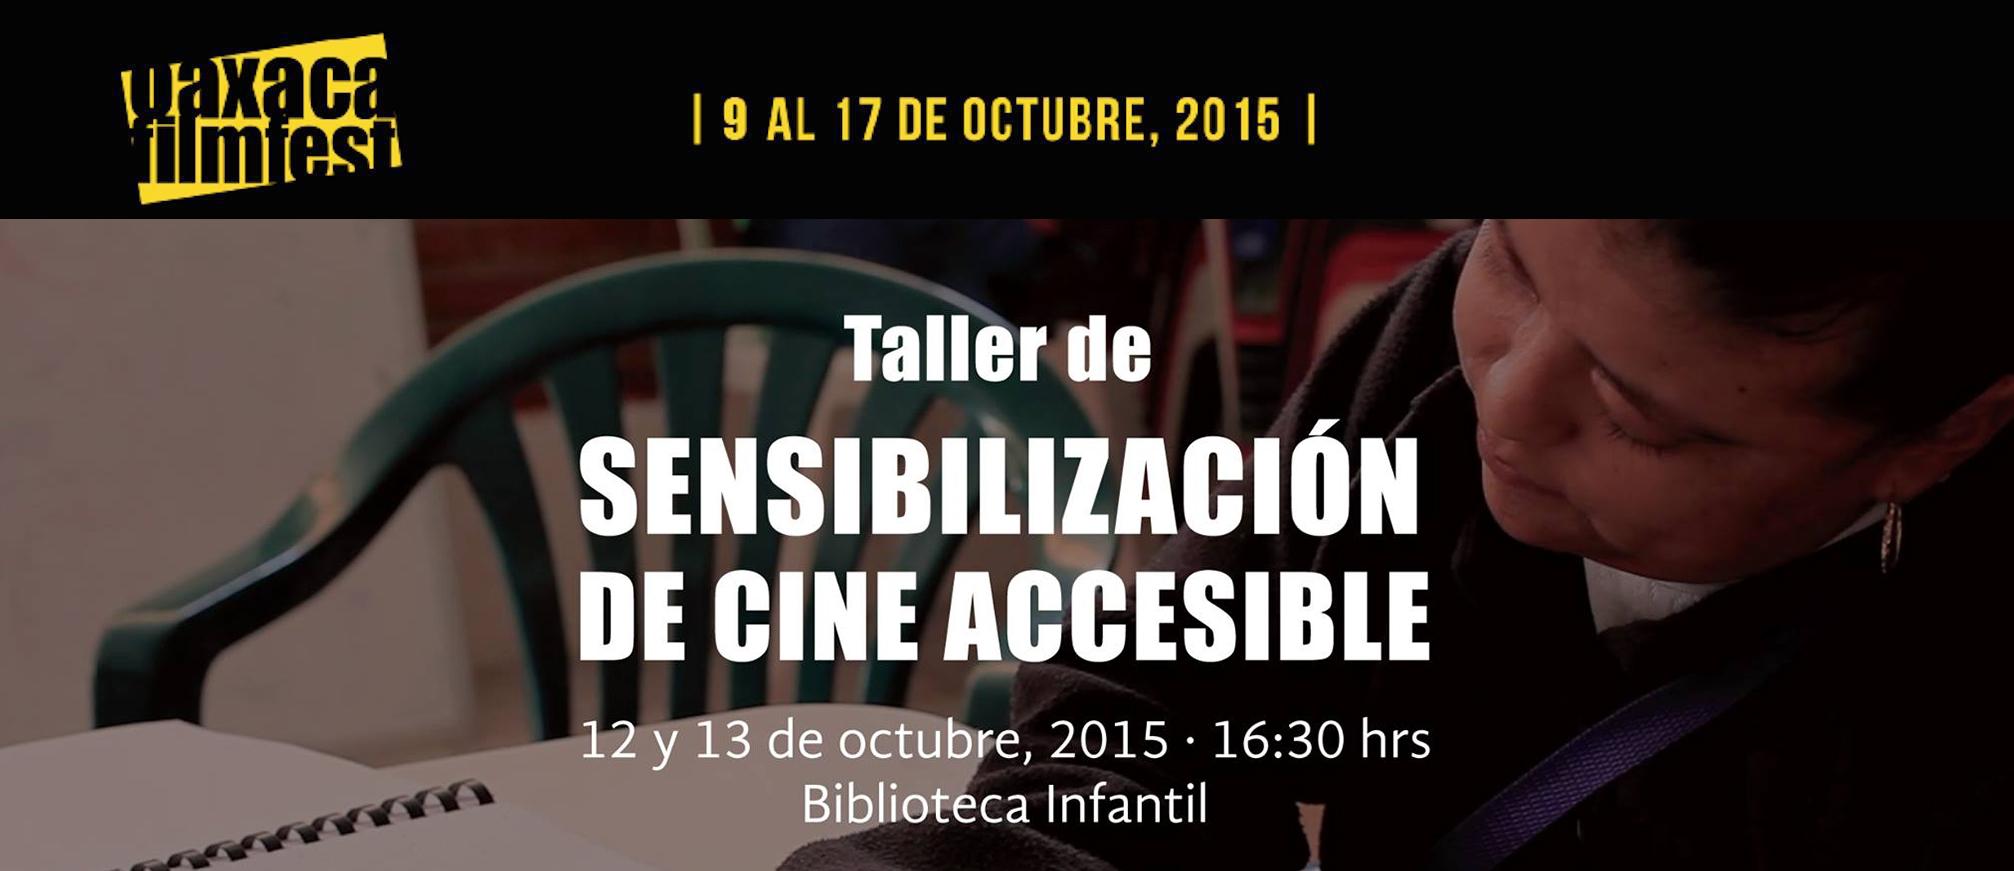 Invitacion al Taller de Sensibilización Oaxaca Filmfest 2015